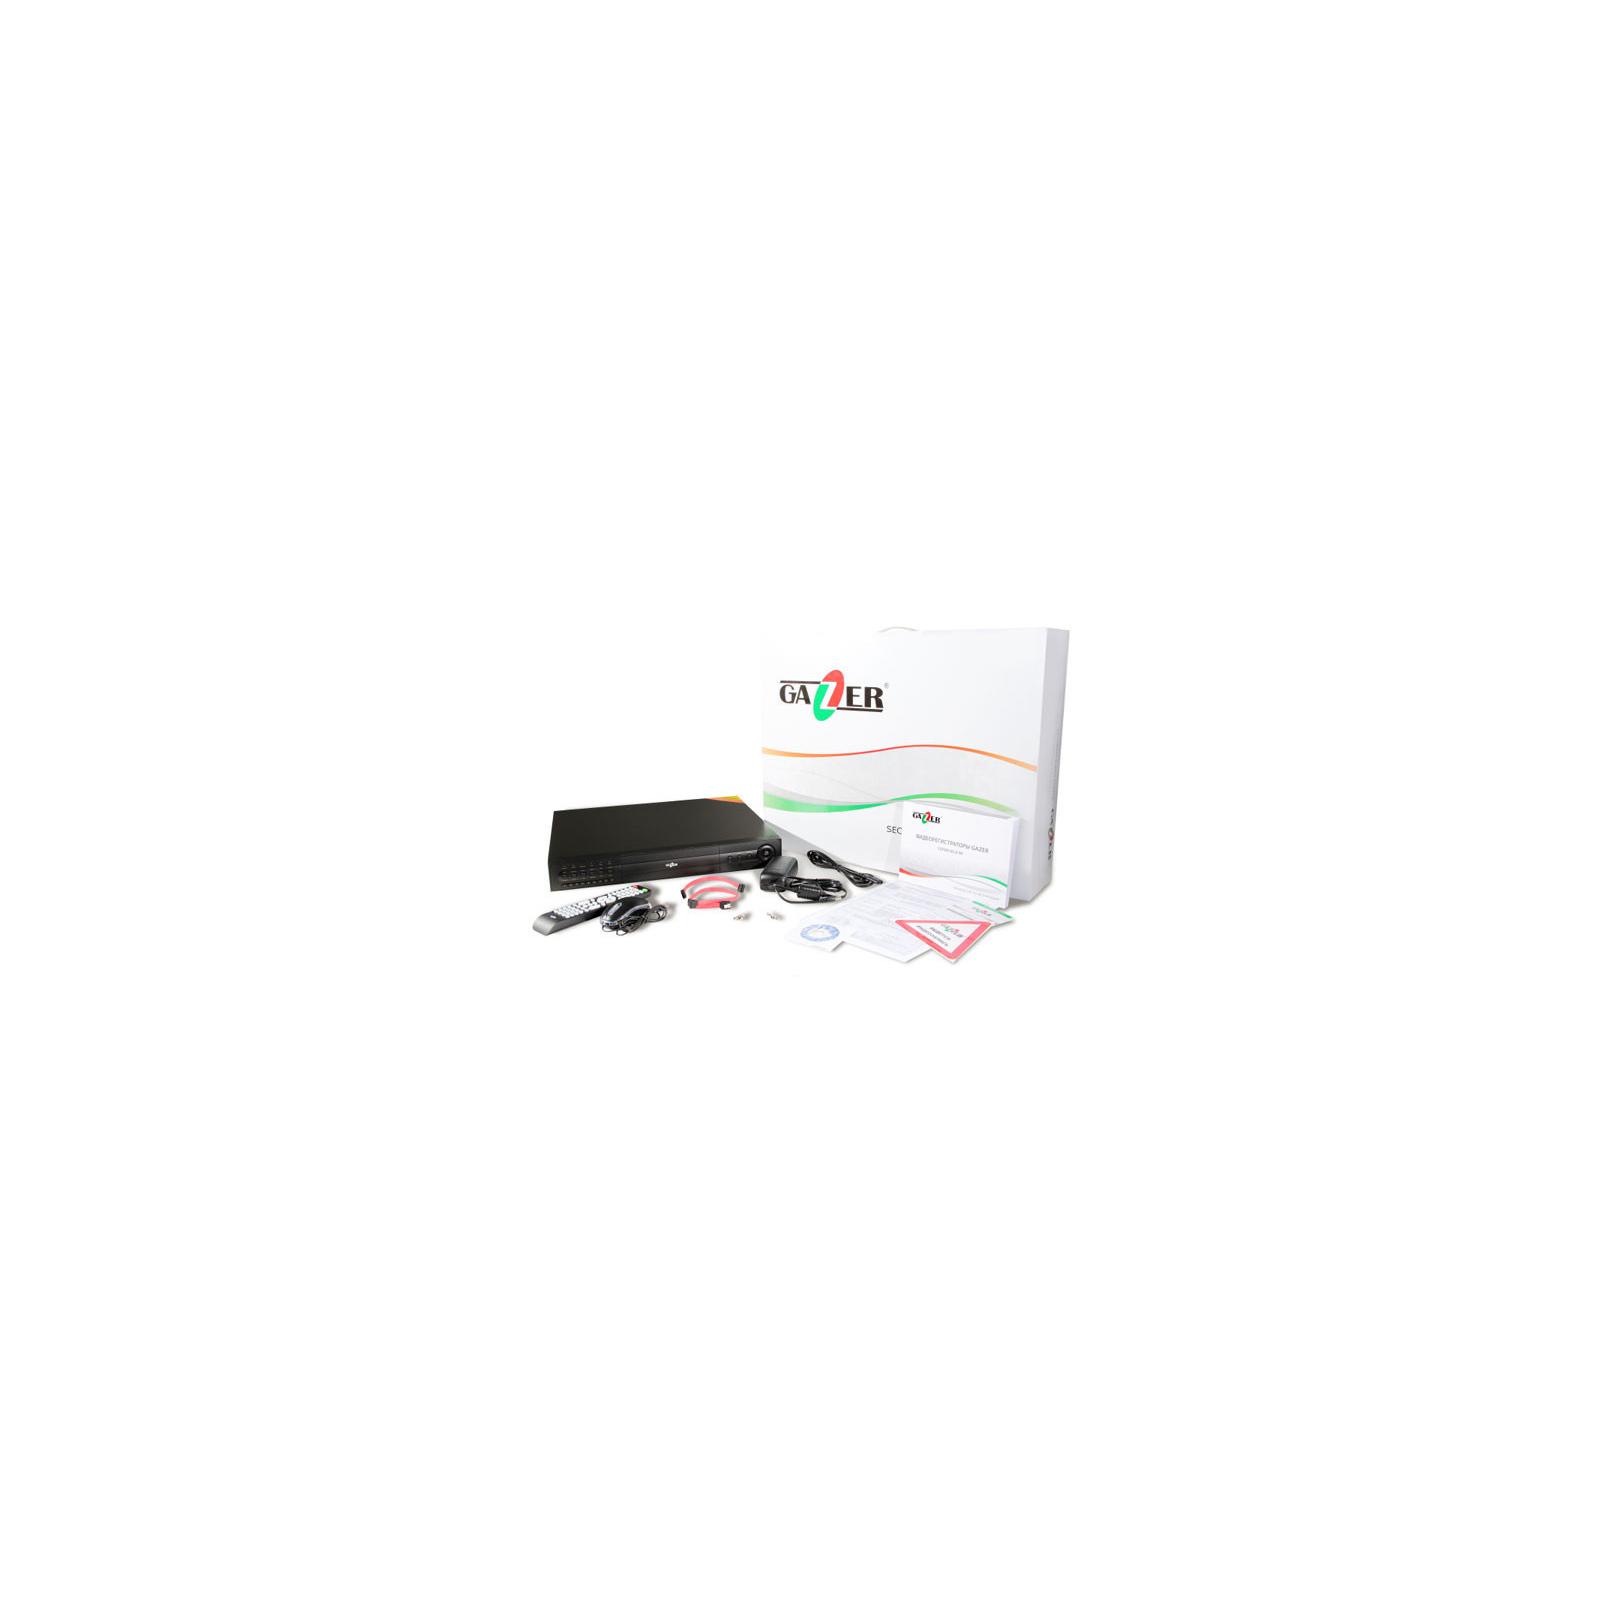 Регистратор для видеонаблюдения Gazer NS2216re изображение 8